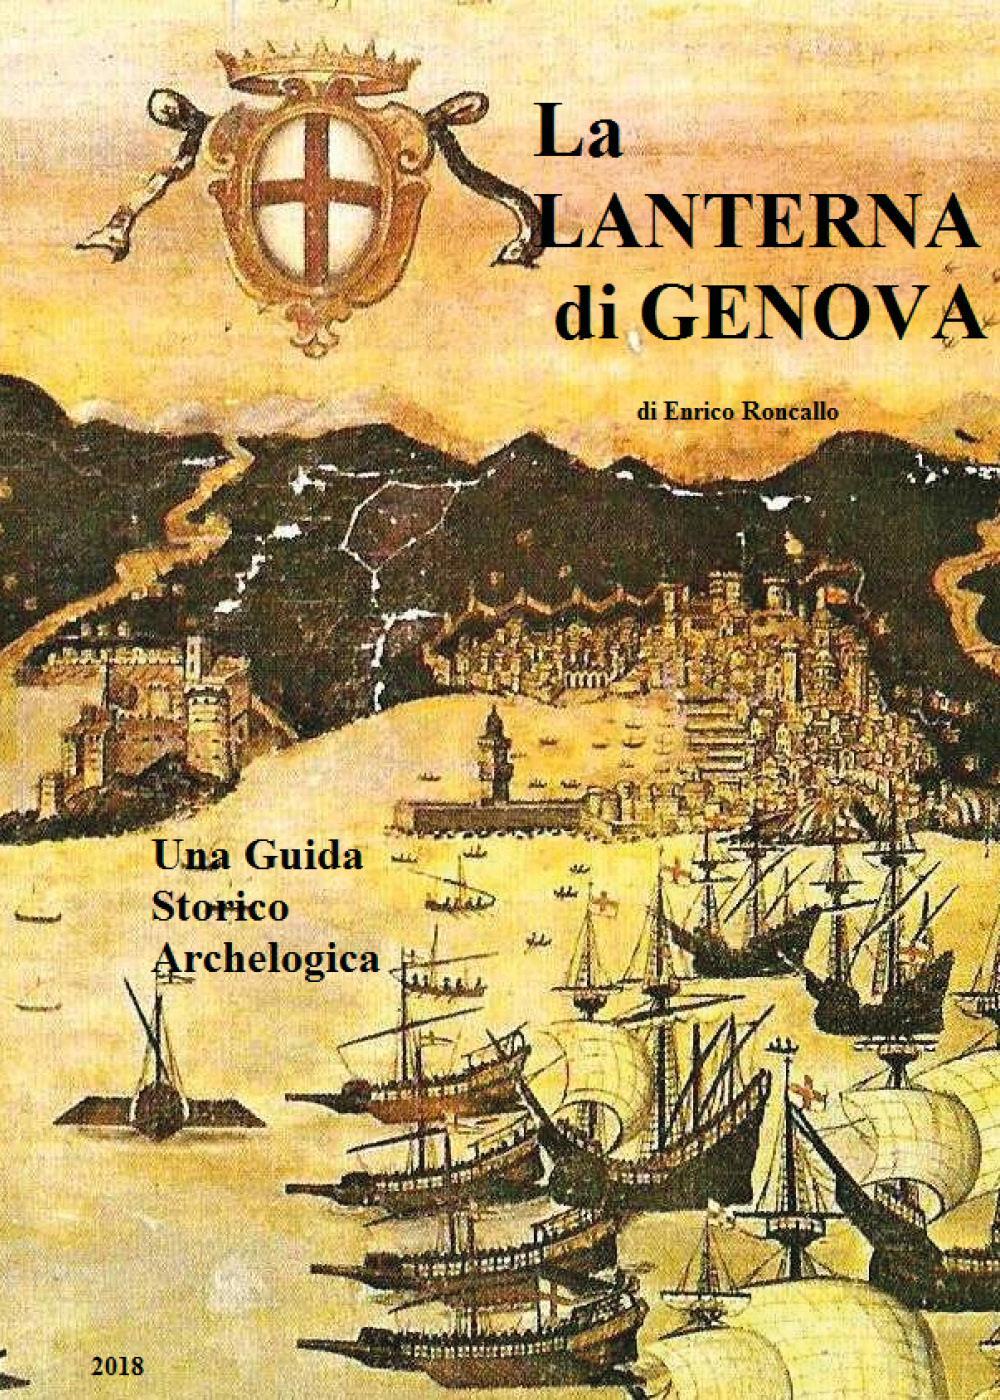 1. Guida storico archeologica la lanterna di Genova